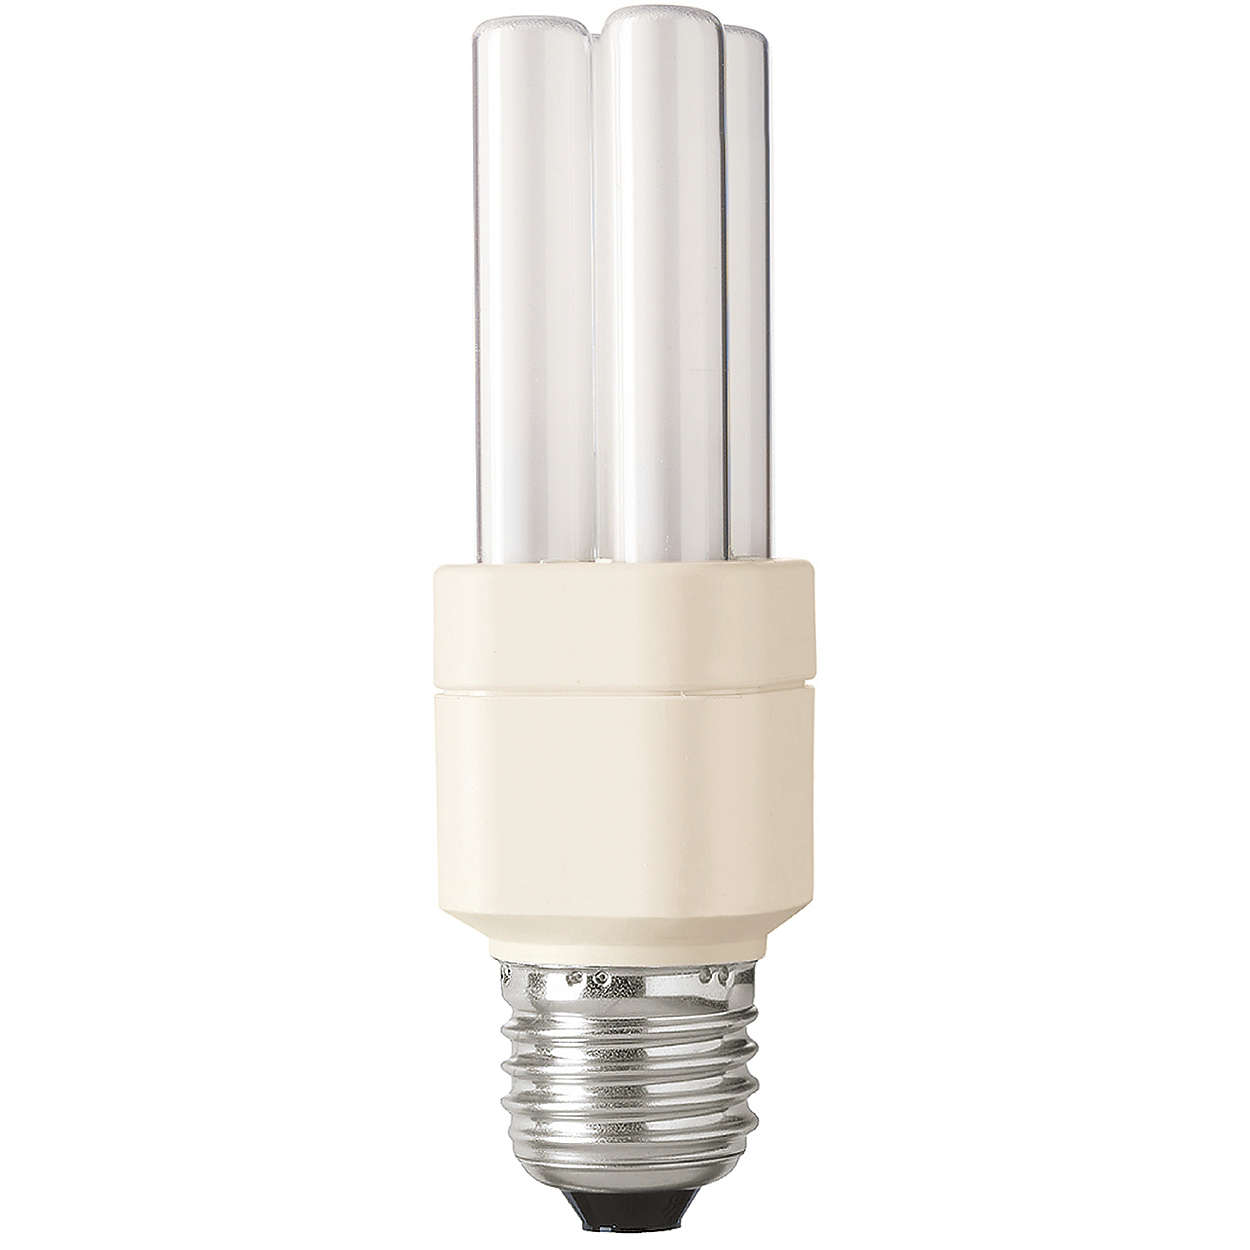 A atitude economizadora profissional em iluminação